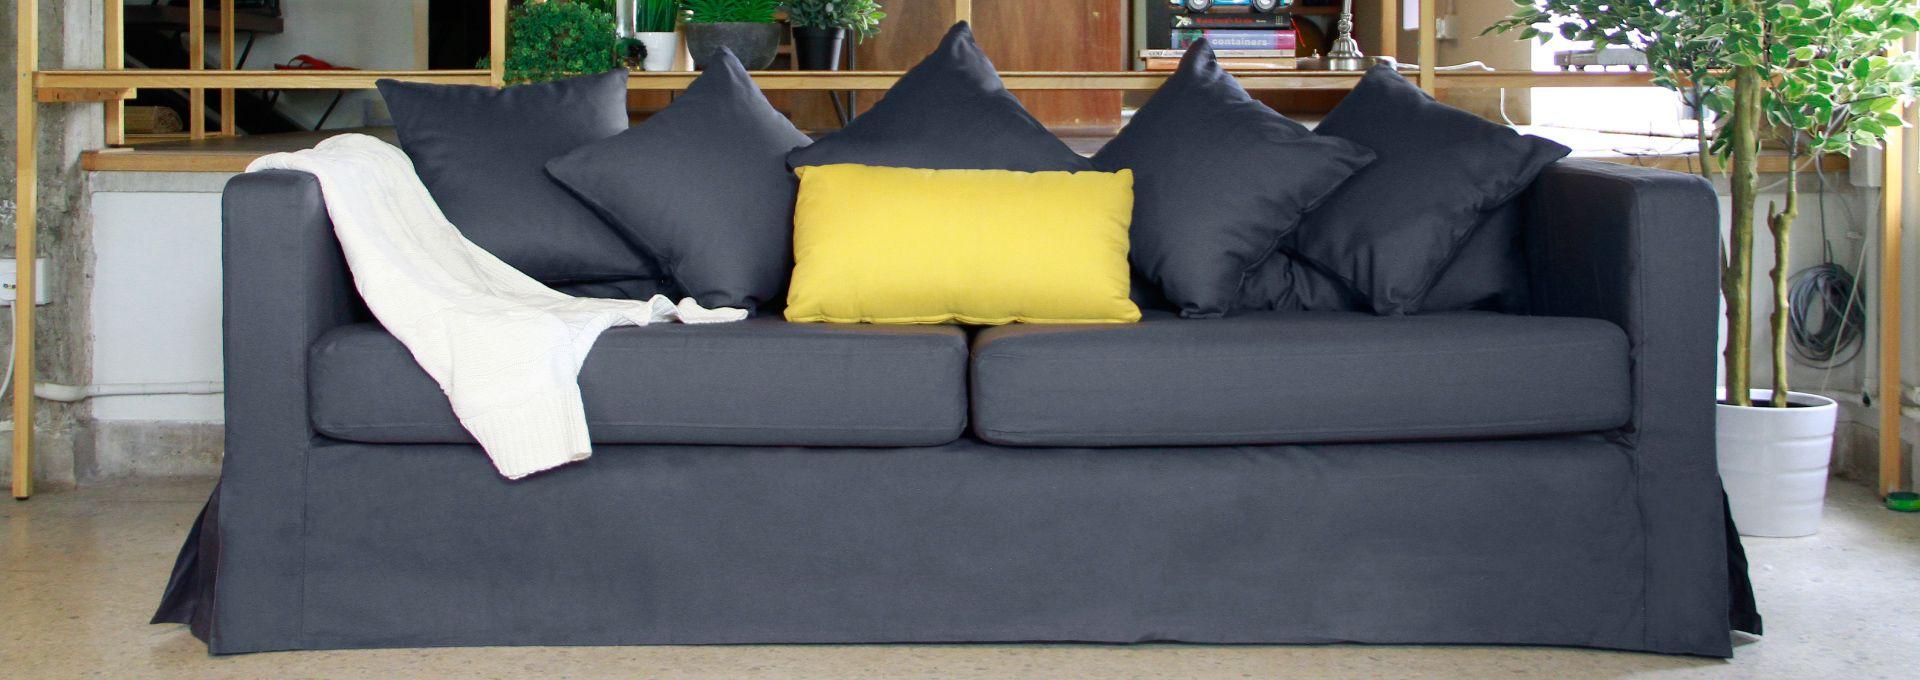 Custom Sofa Slipcovers Also Does